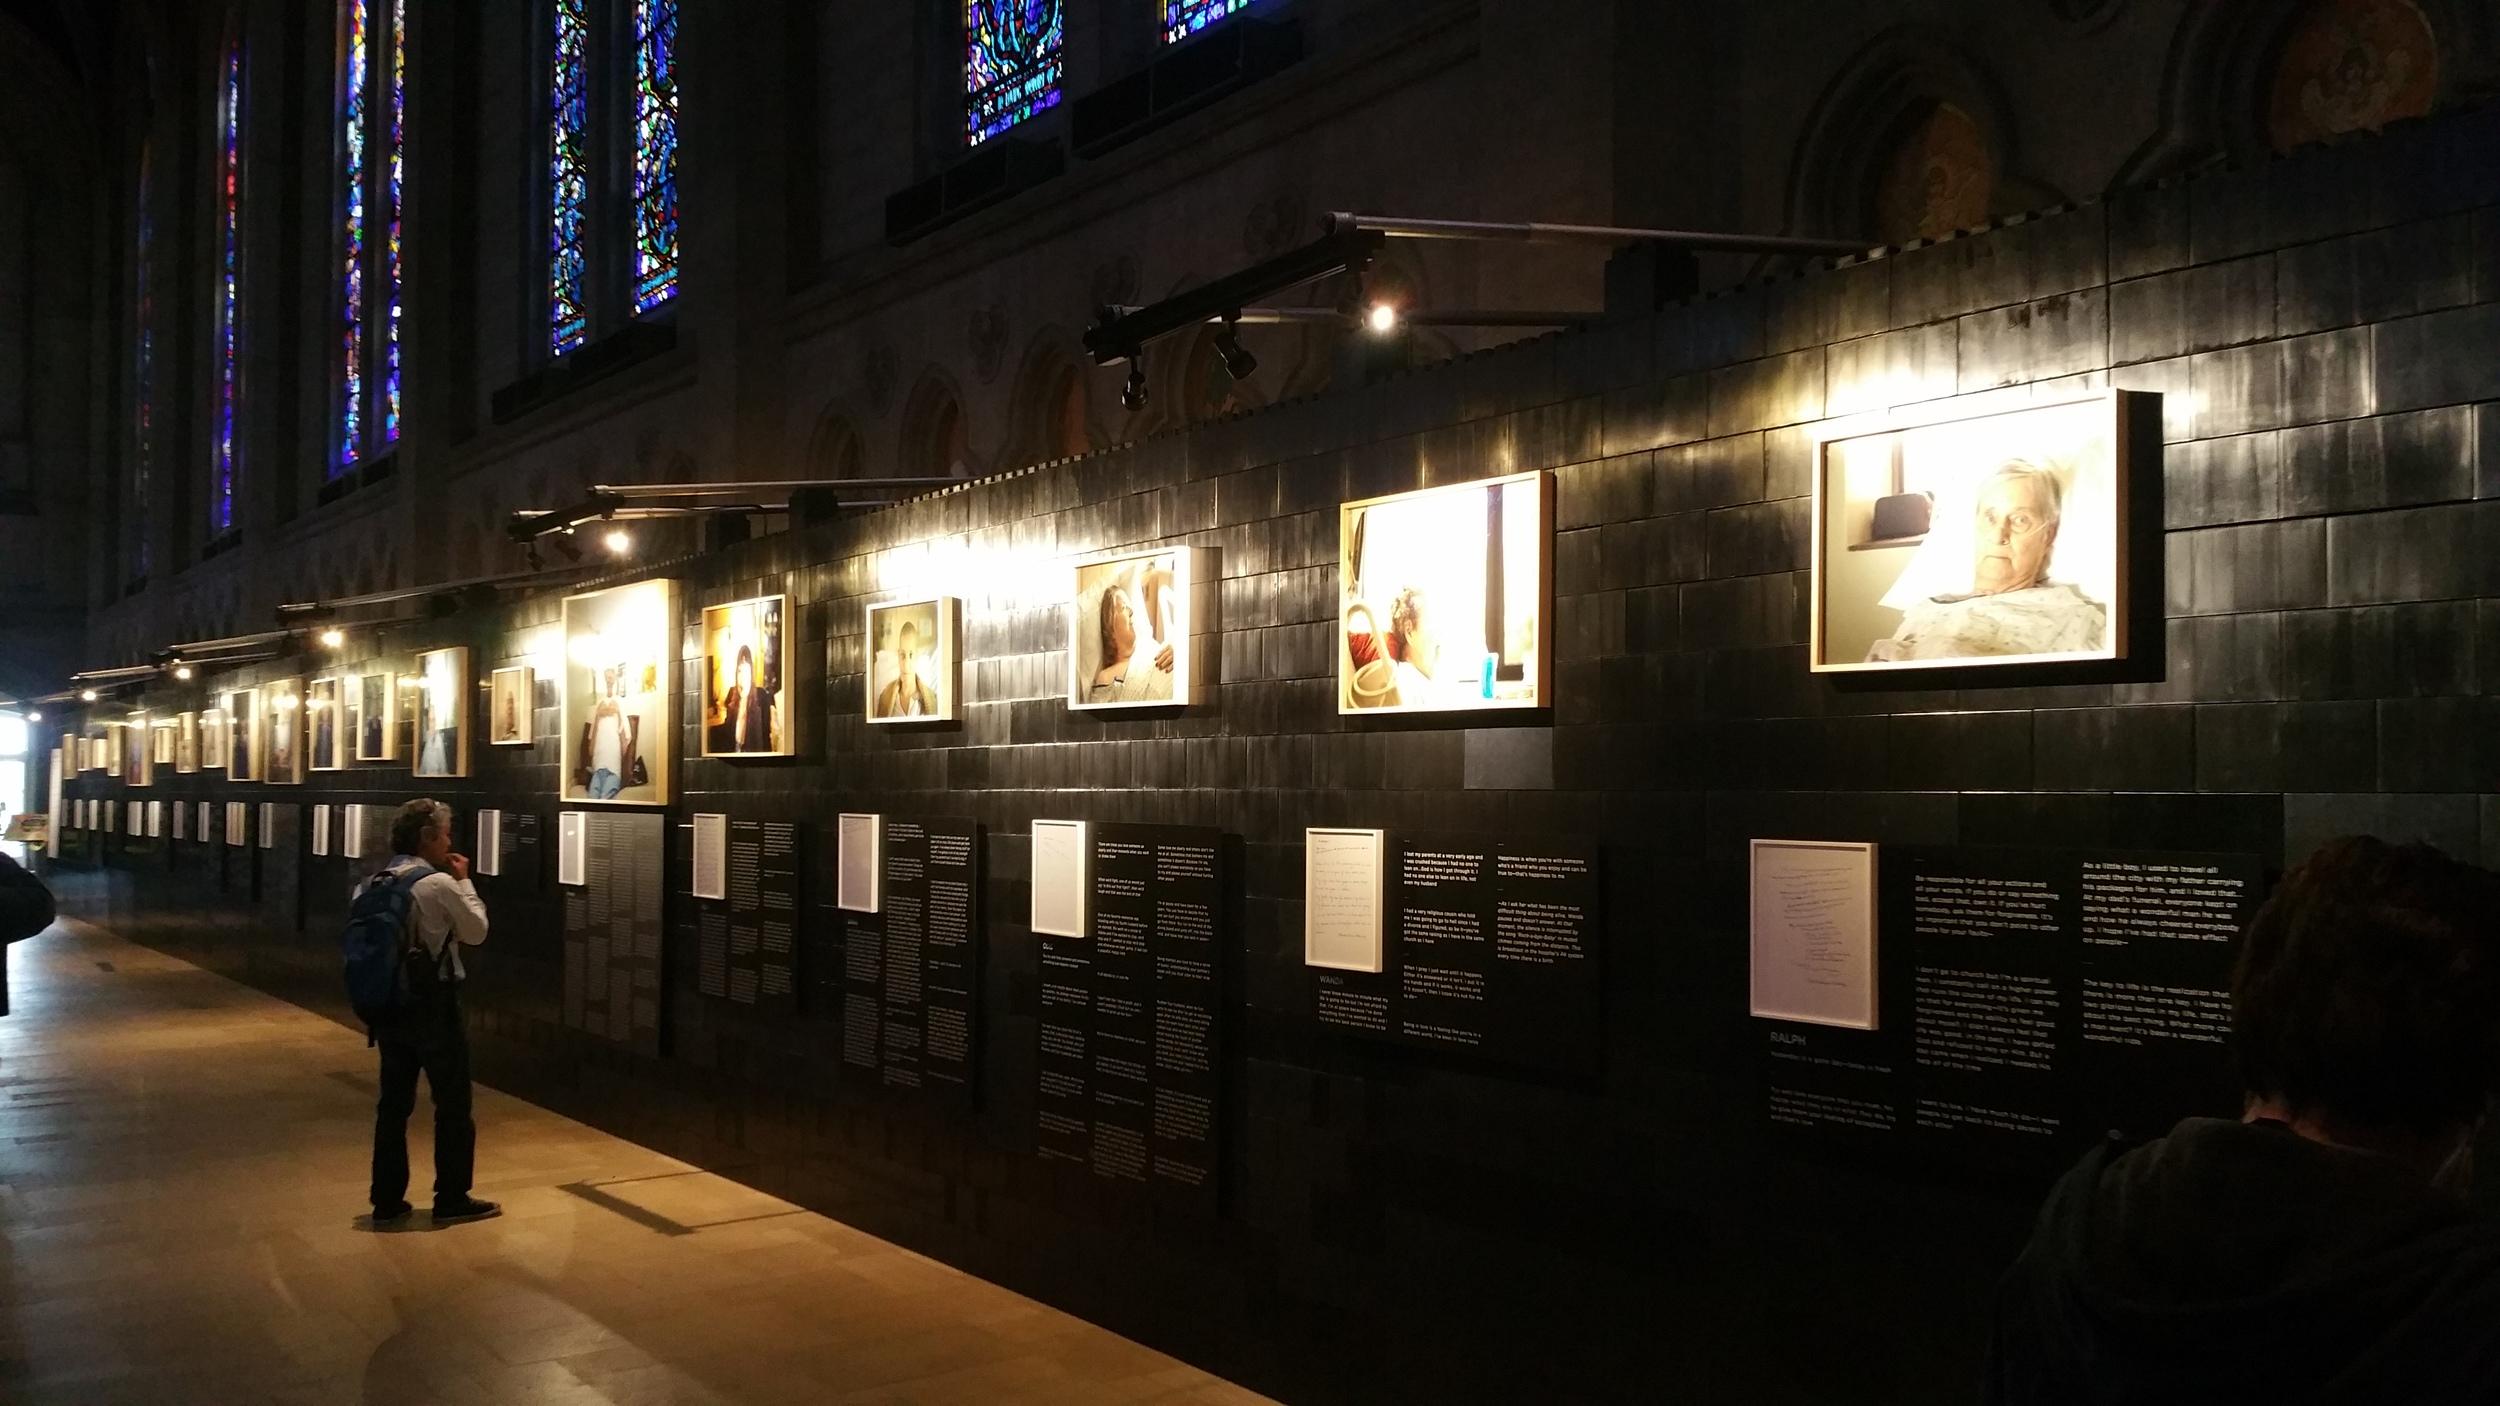 Erstellen Sie erstaunliche temporäre Galerie-Wände für die Kunst-Ausstellung und passen Sie Ihr Design für jeden Veranstaltungsort an.